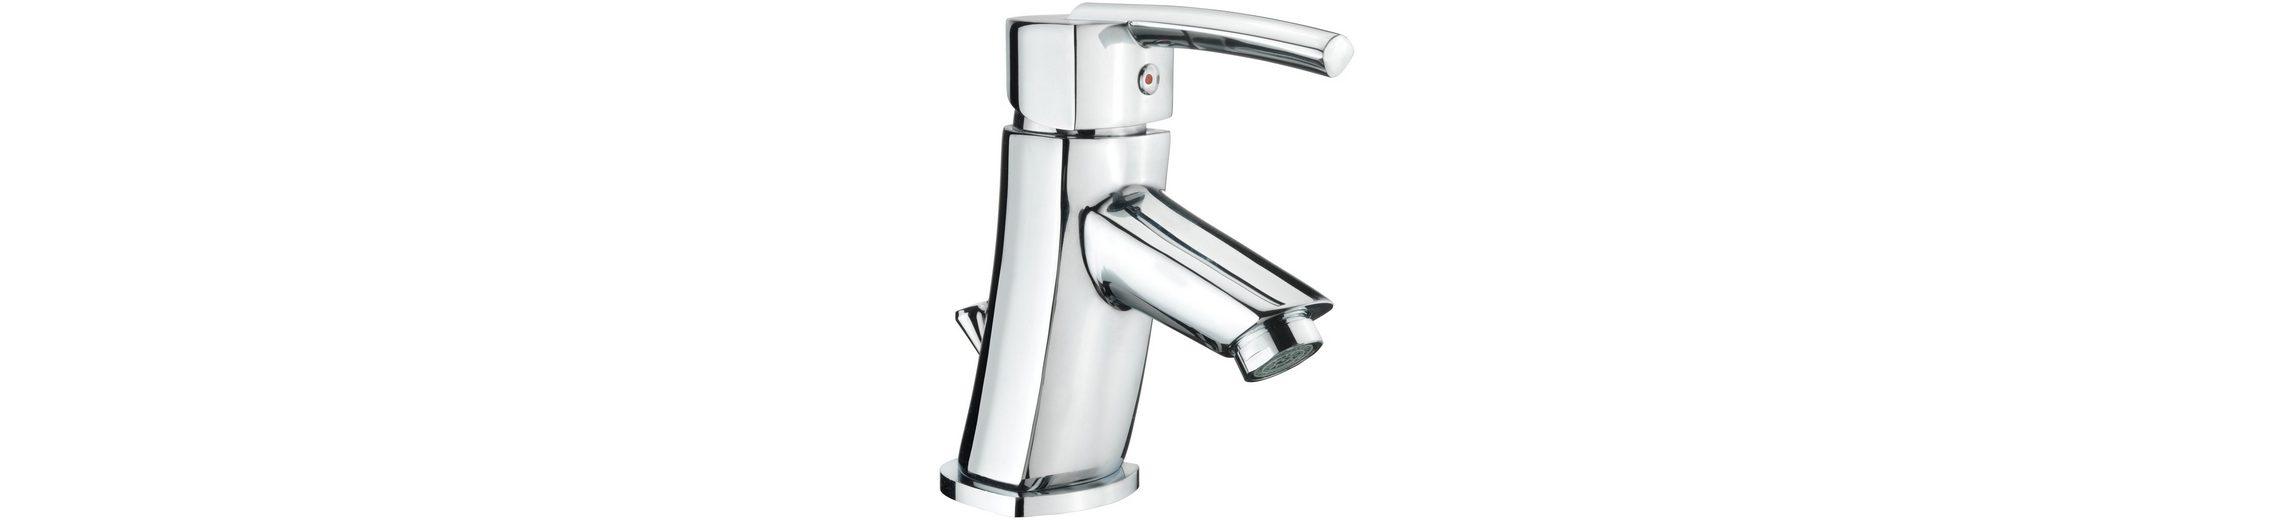 Waschtischarmatur »Selo«